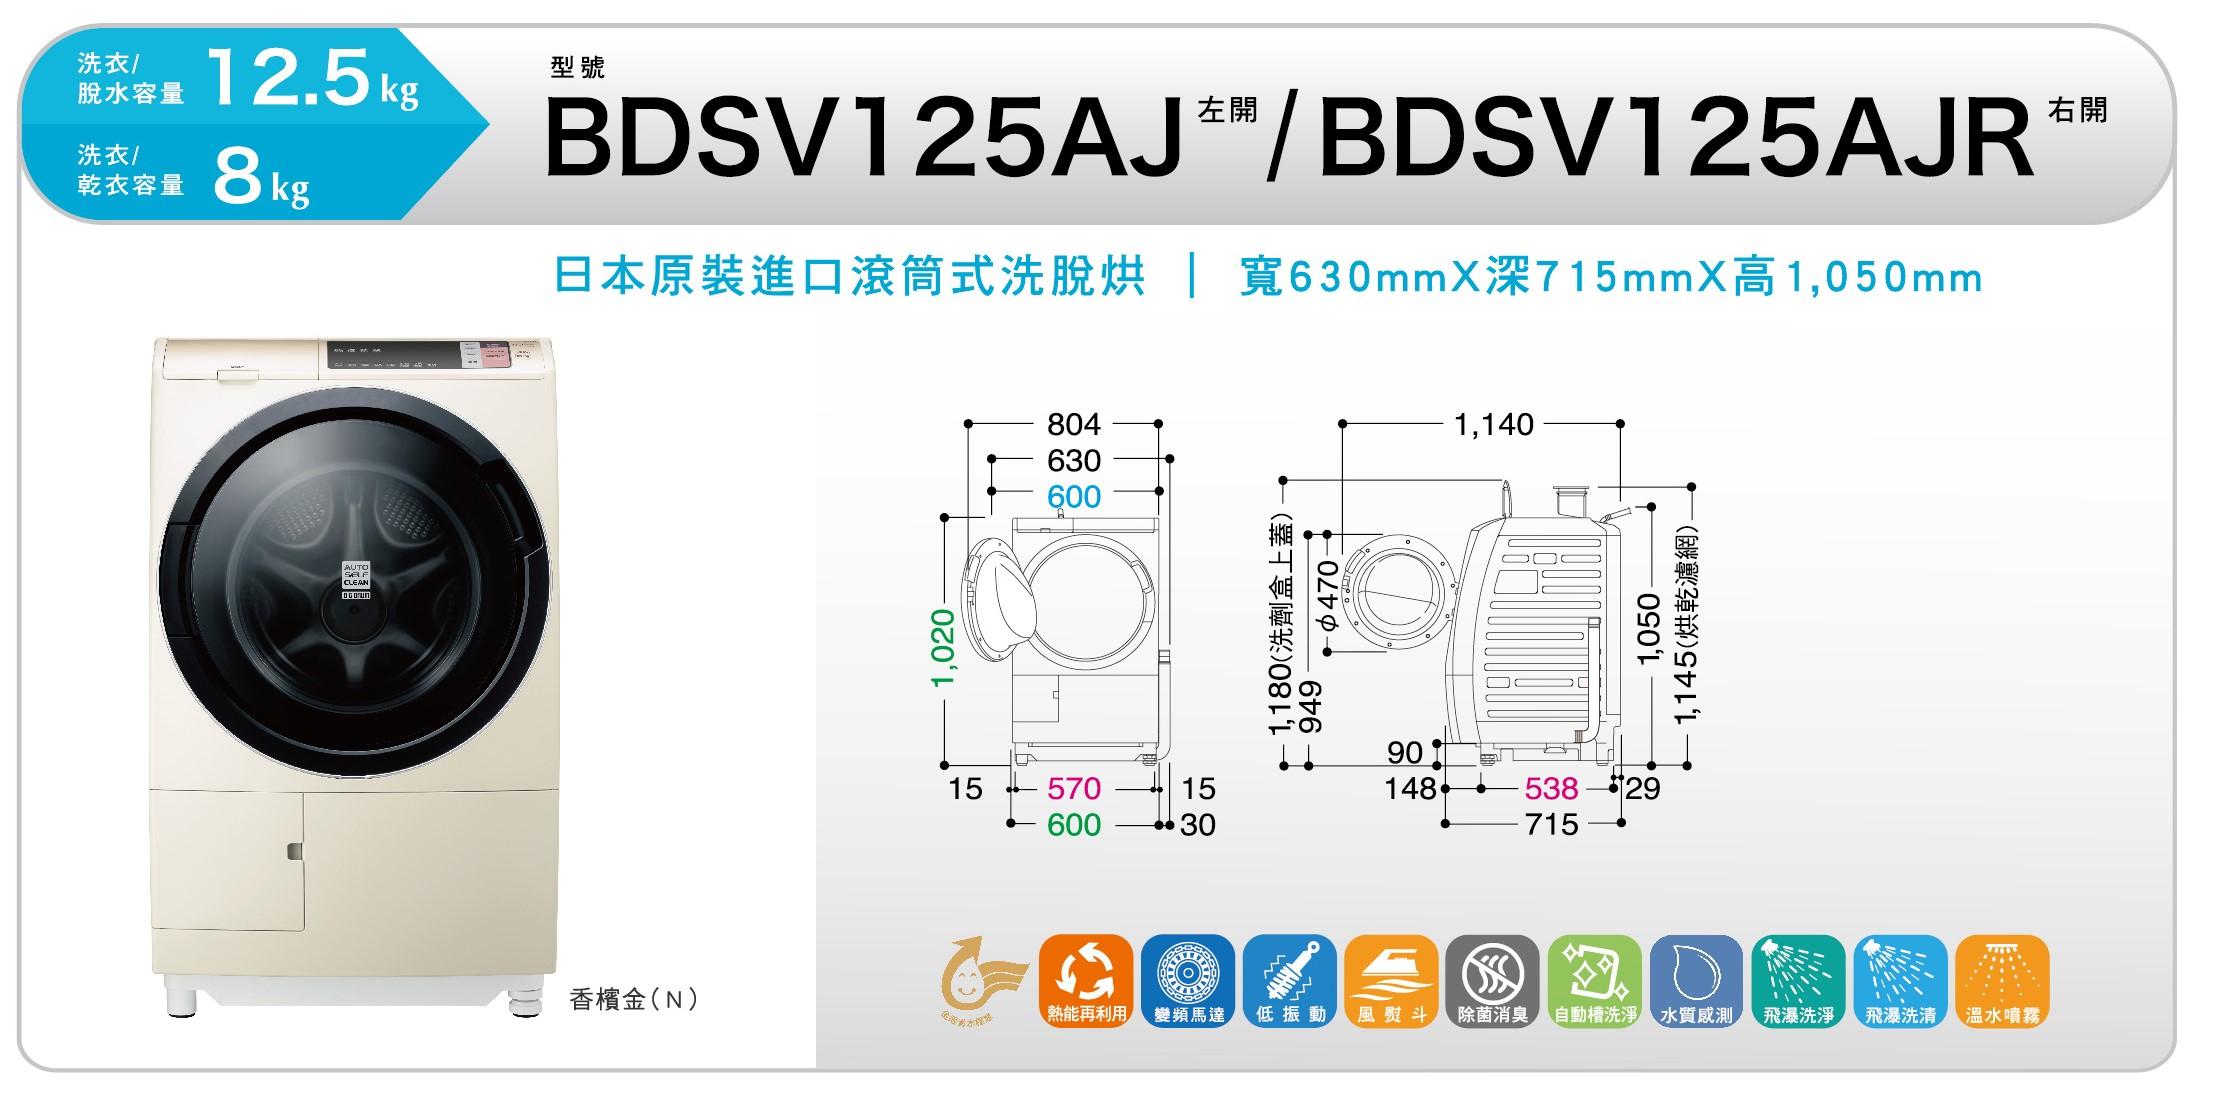 擺動式溫水尼加拉飛瀑滾筒洗脫烘BDSV125AJ左開 BDSV125AJR右開